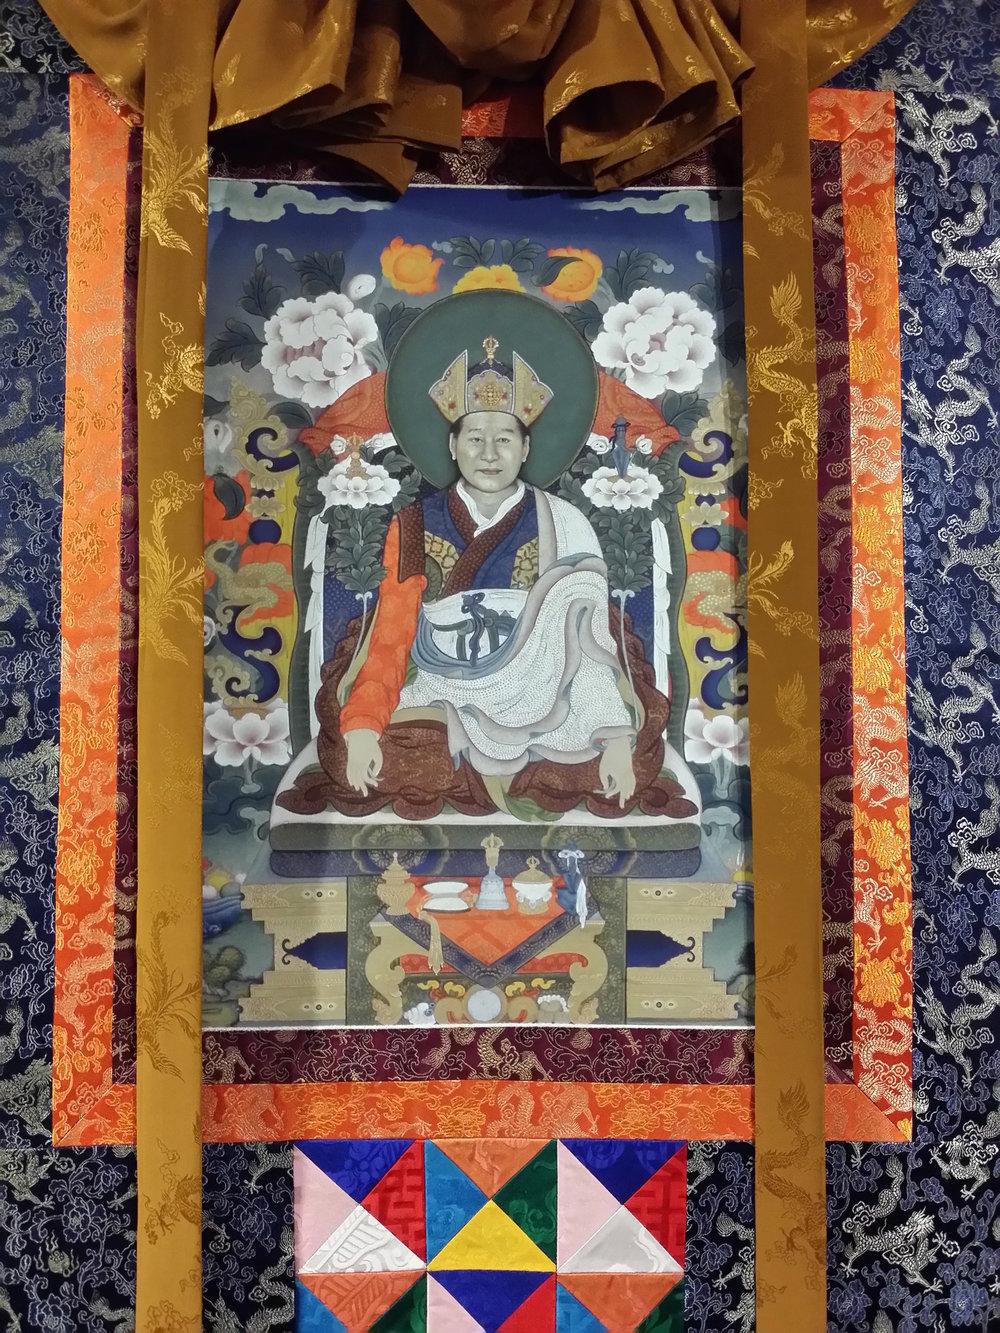 Kyabje Dudjom Rinpoche thanka